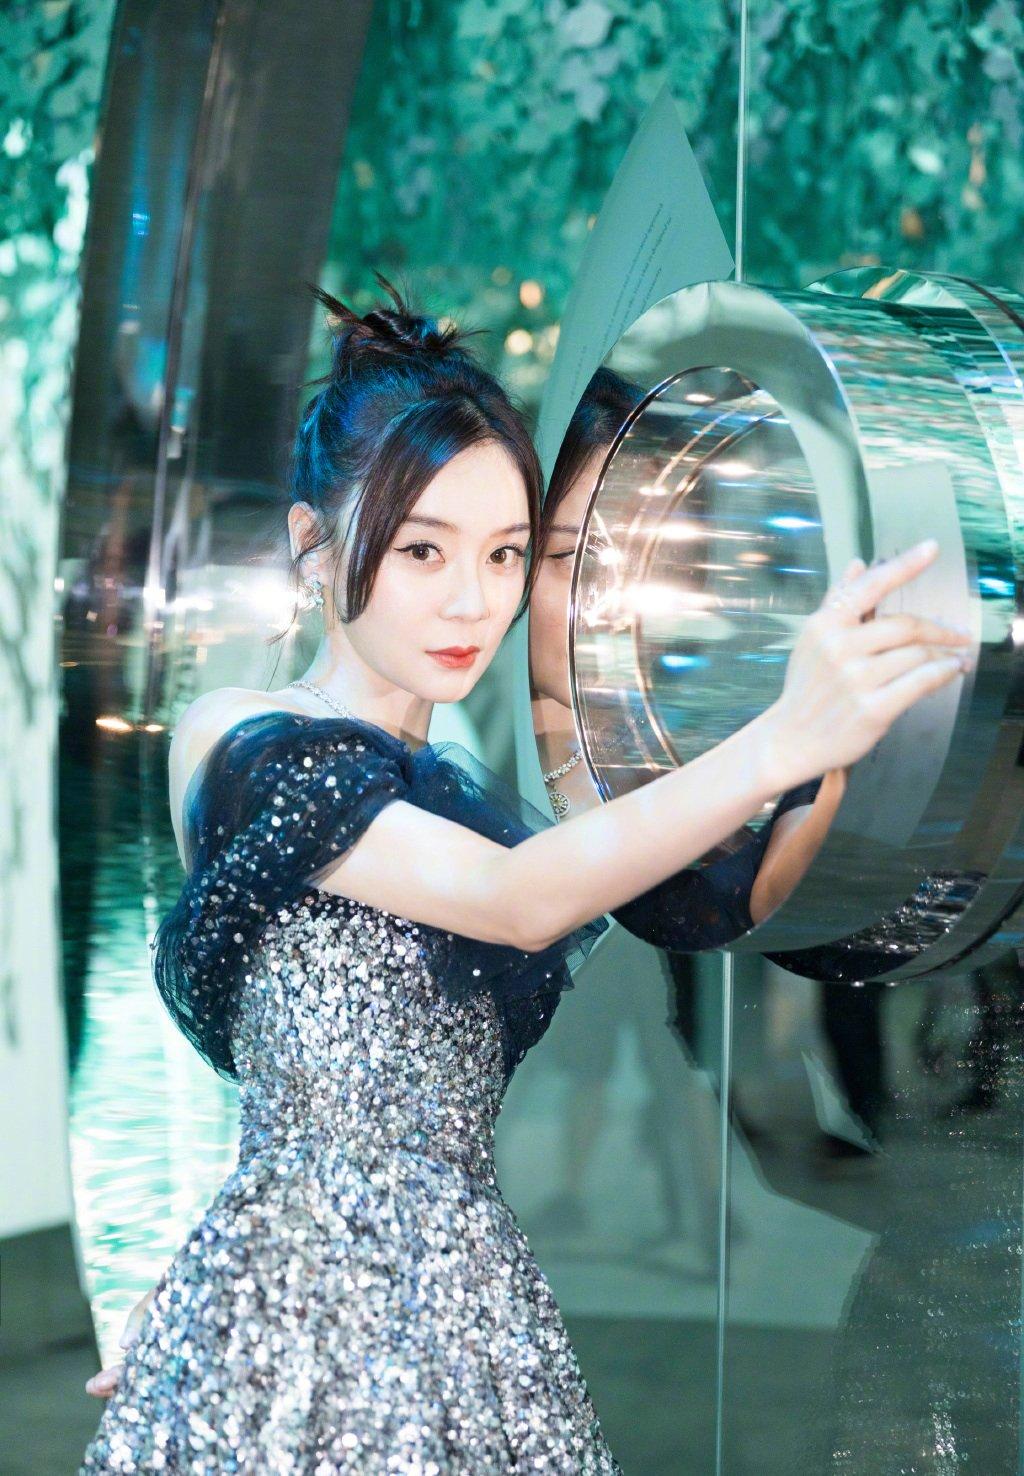 袁姗姗露锁骨气质优雅写真图片